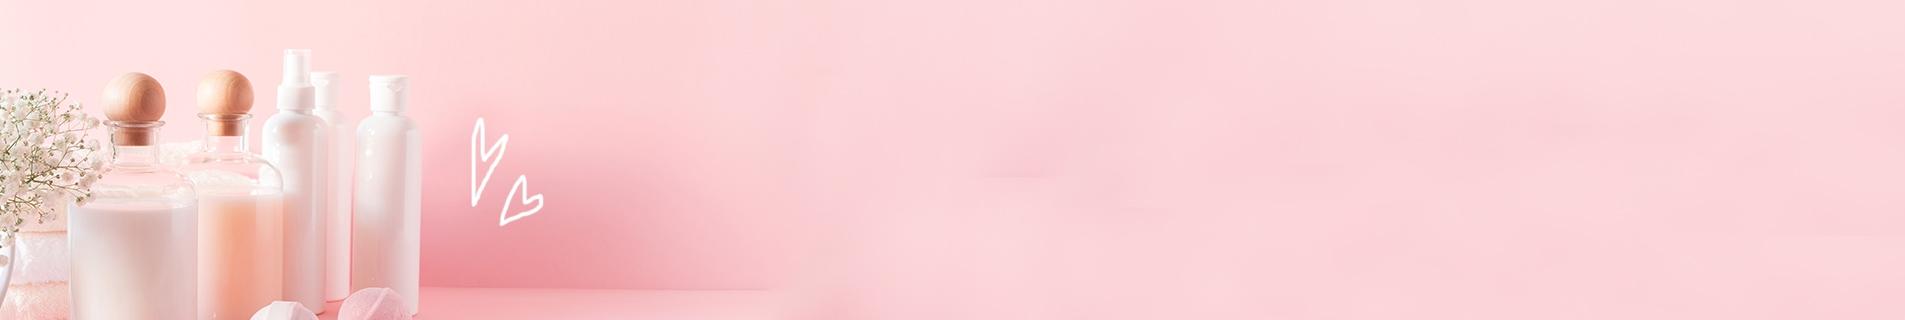 Promo beauté soins corps et cheveux | SAGA Cosmetics